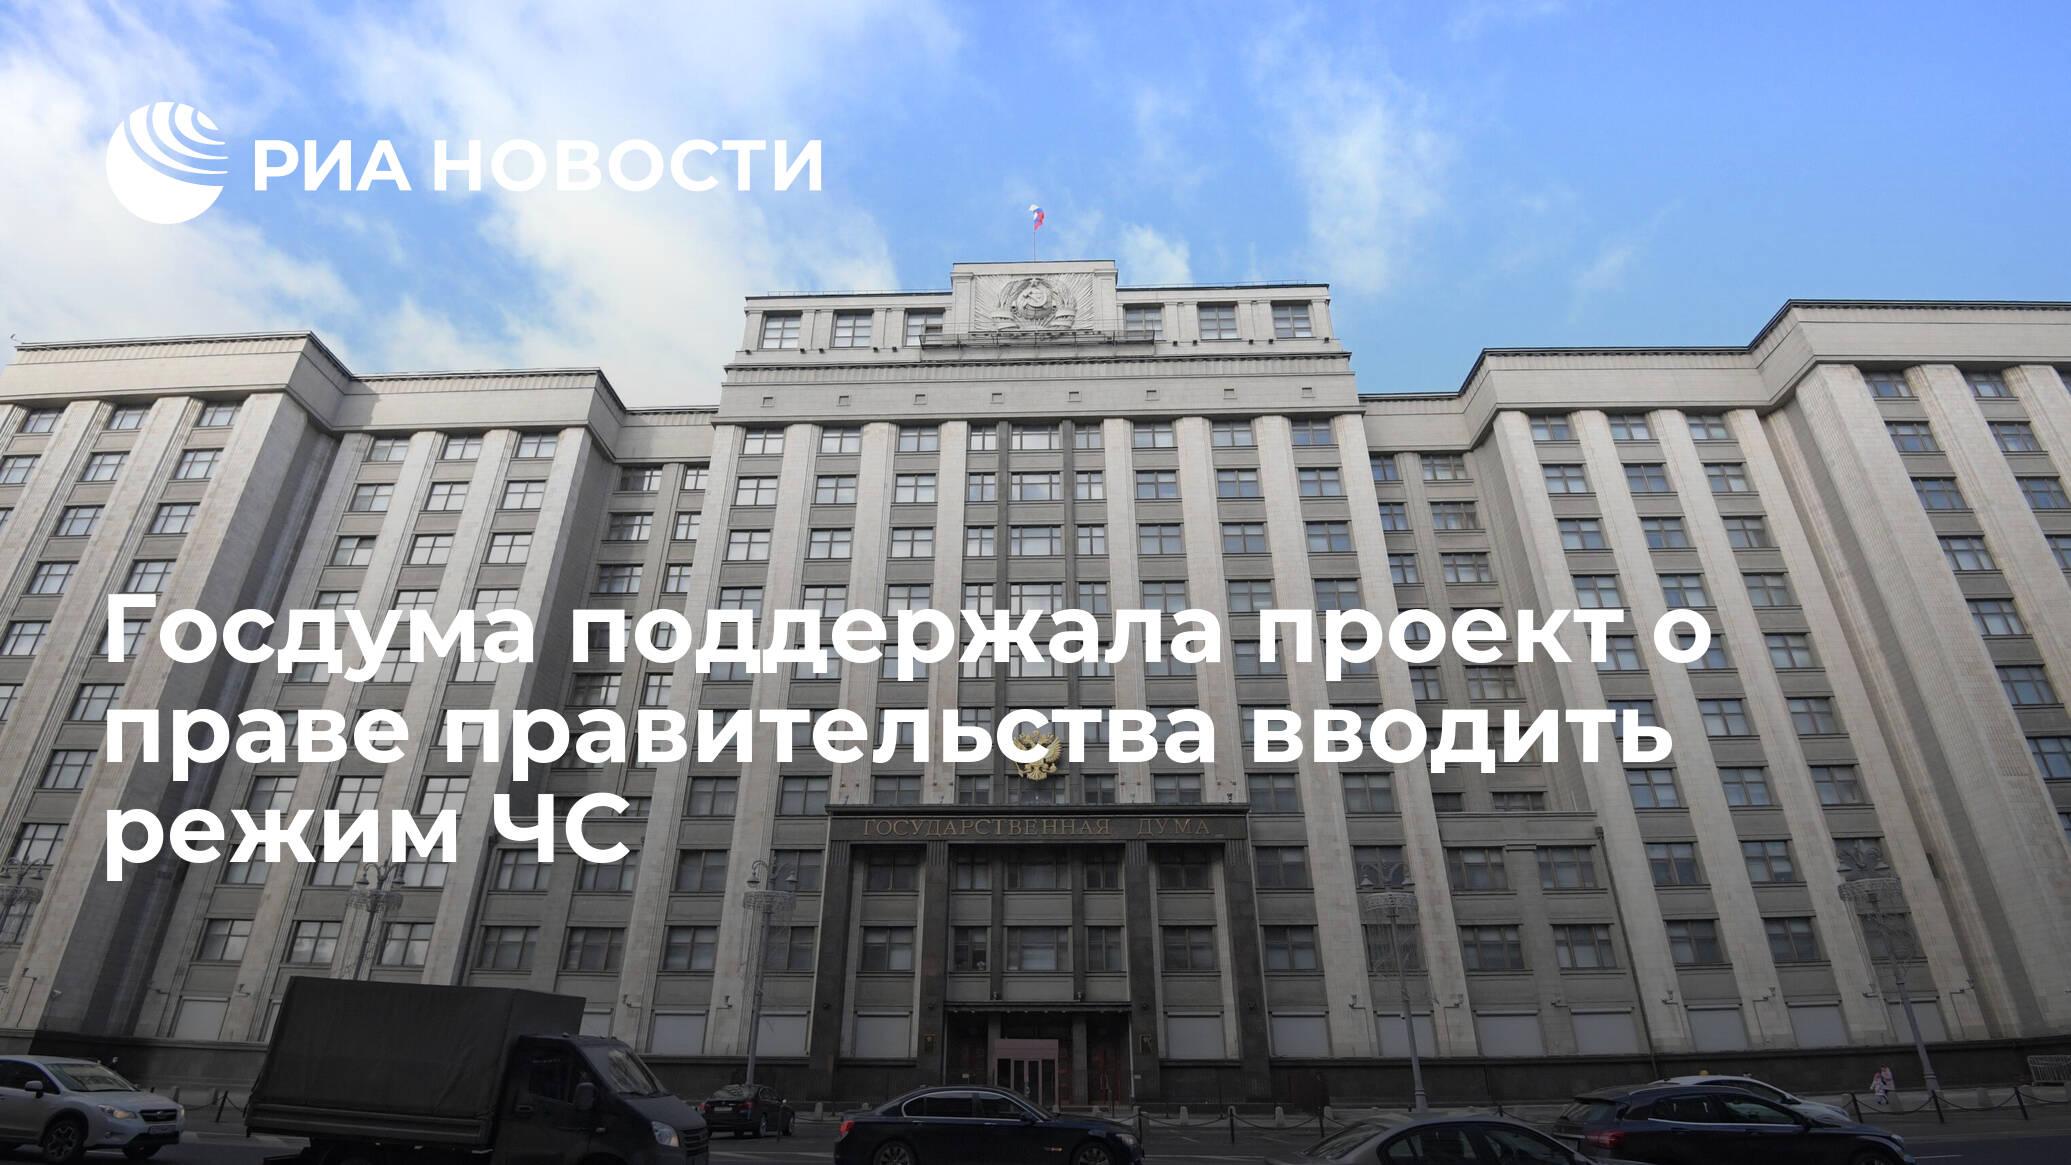 Госдума поддержала проект о праве правительства вводить режим ЧС